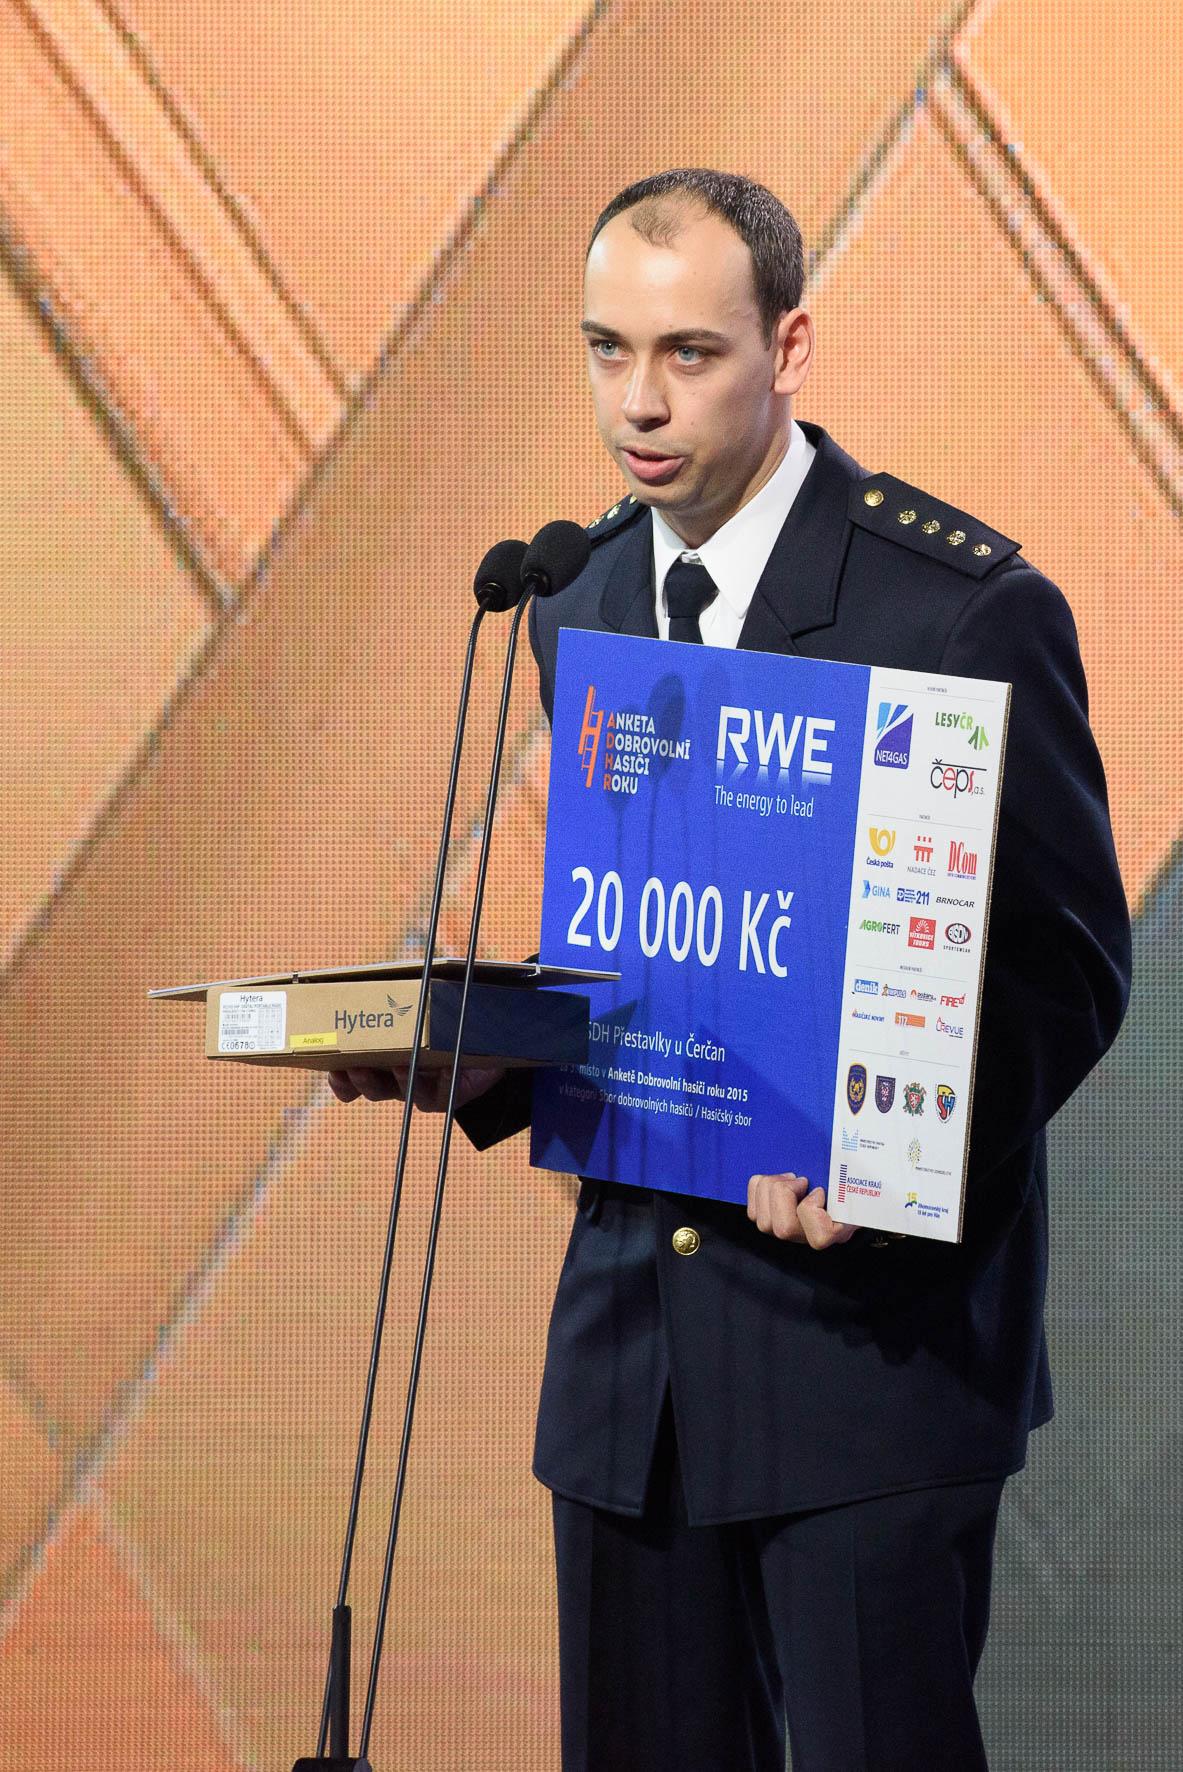 anketa-dobrovolni-hasici-roku-2015-vyhlaseni-vysledku-sdh-prestavlky-u-cercan-proslov